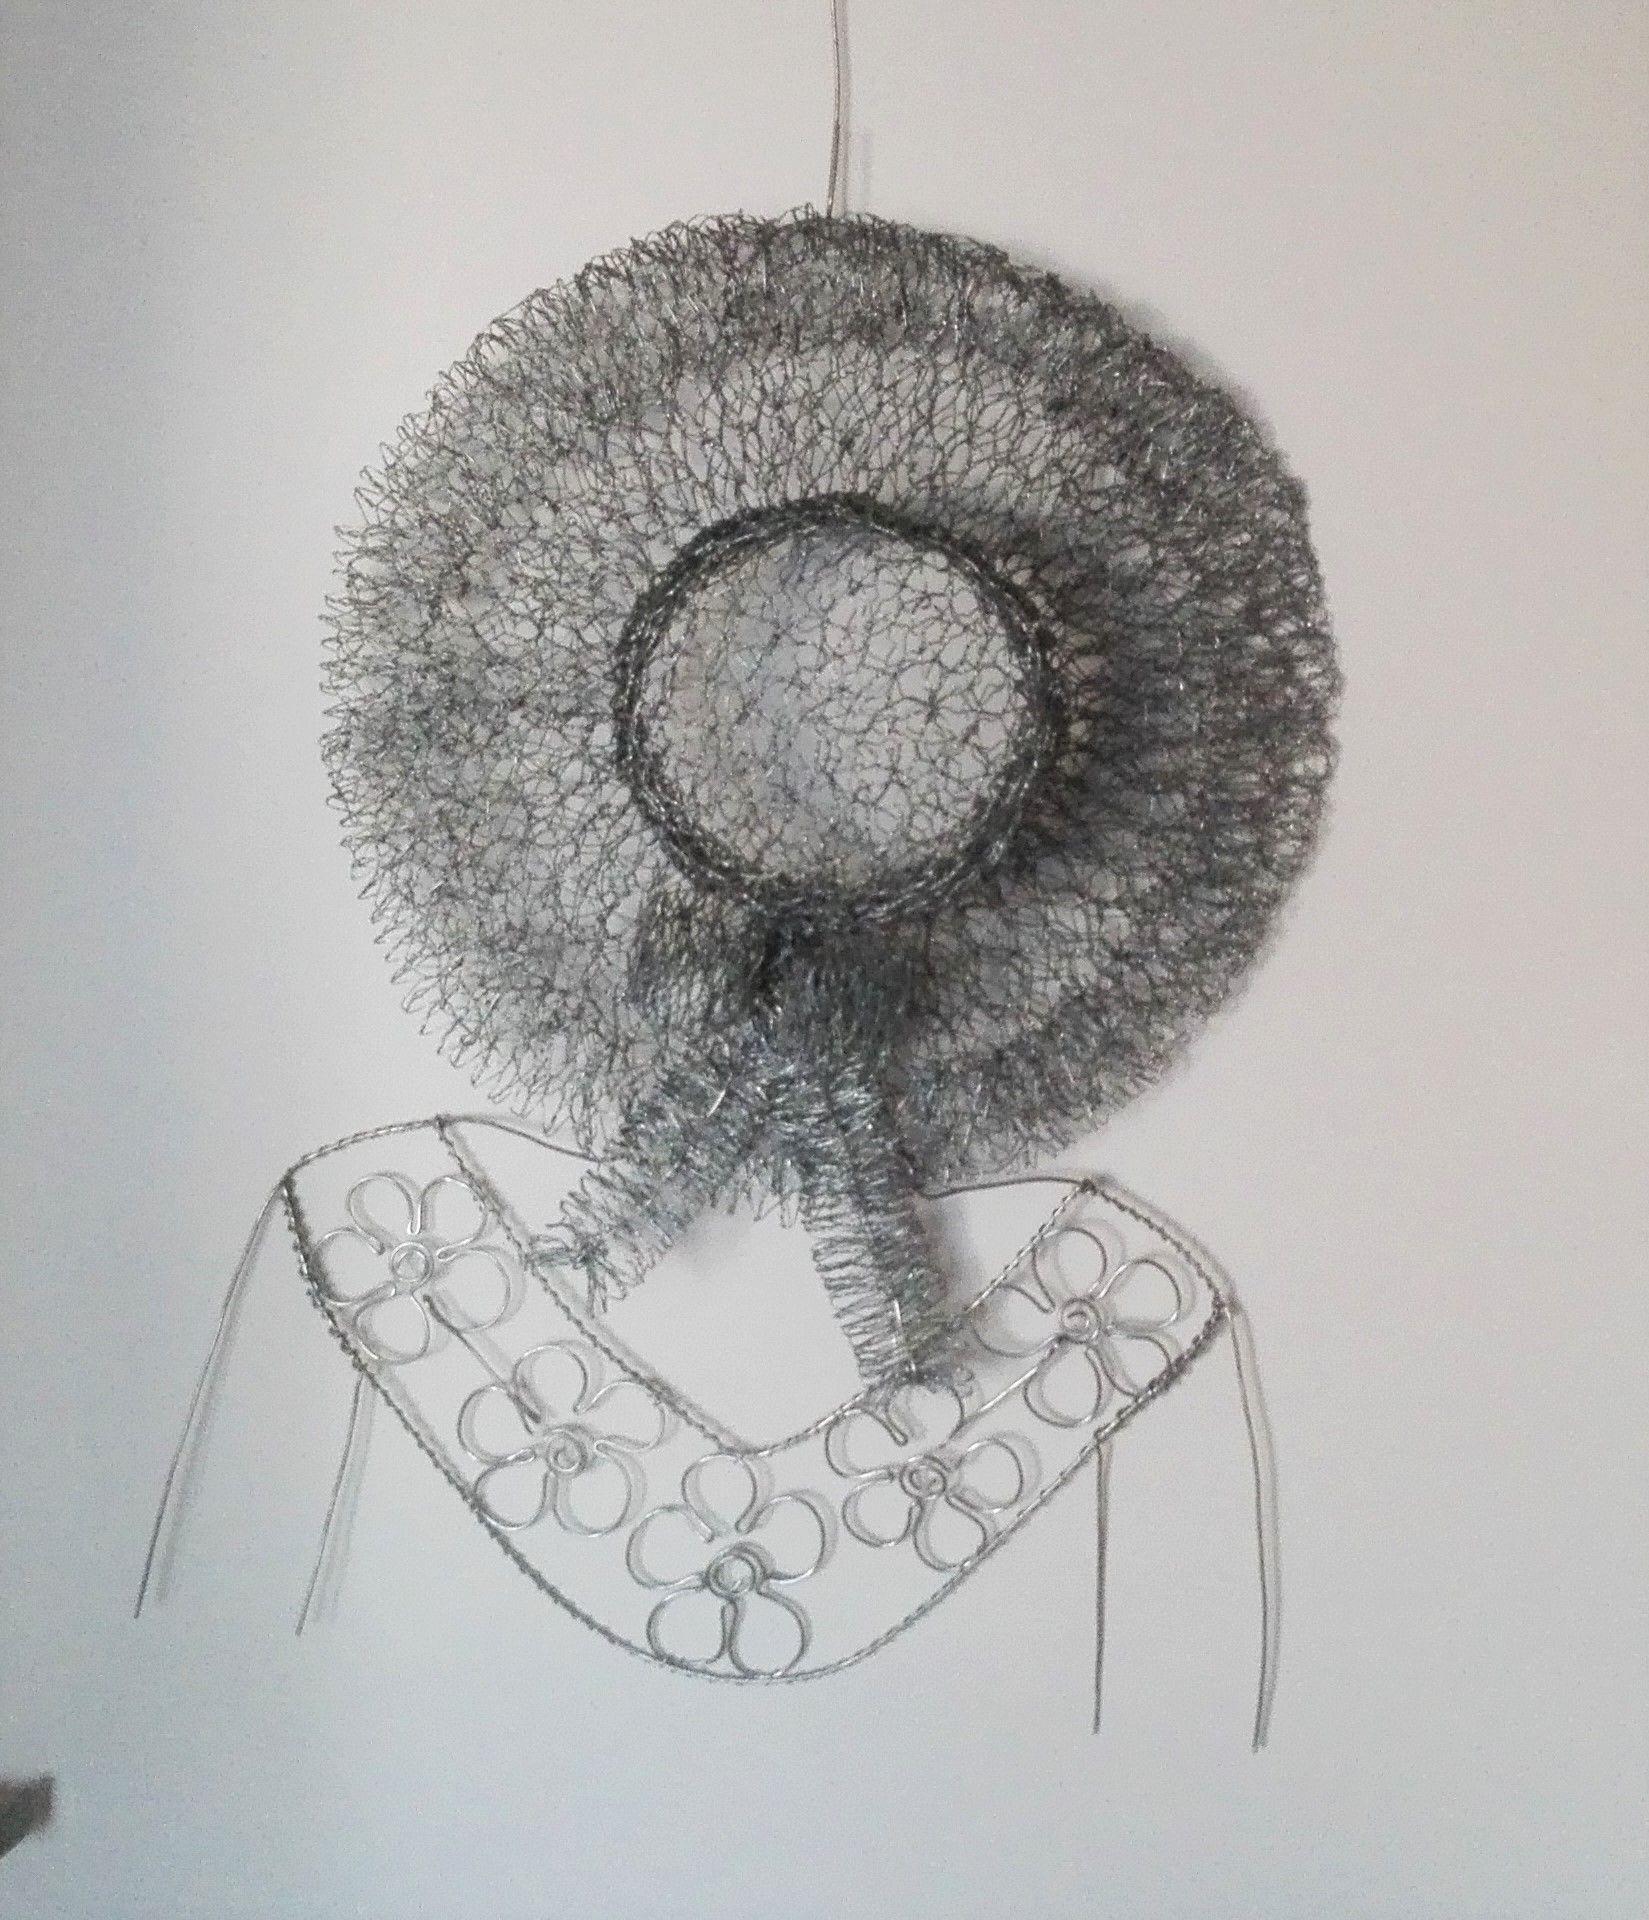 Chicken wire sculpture - Little girl with hat on | Chicken wire ...